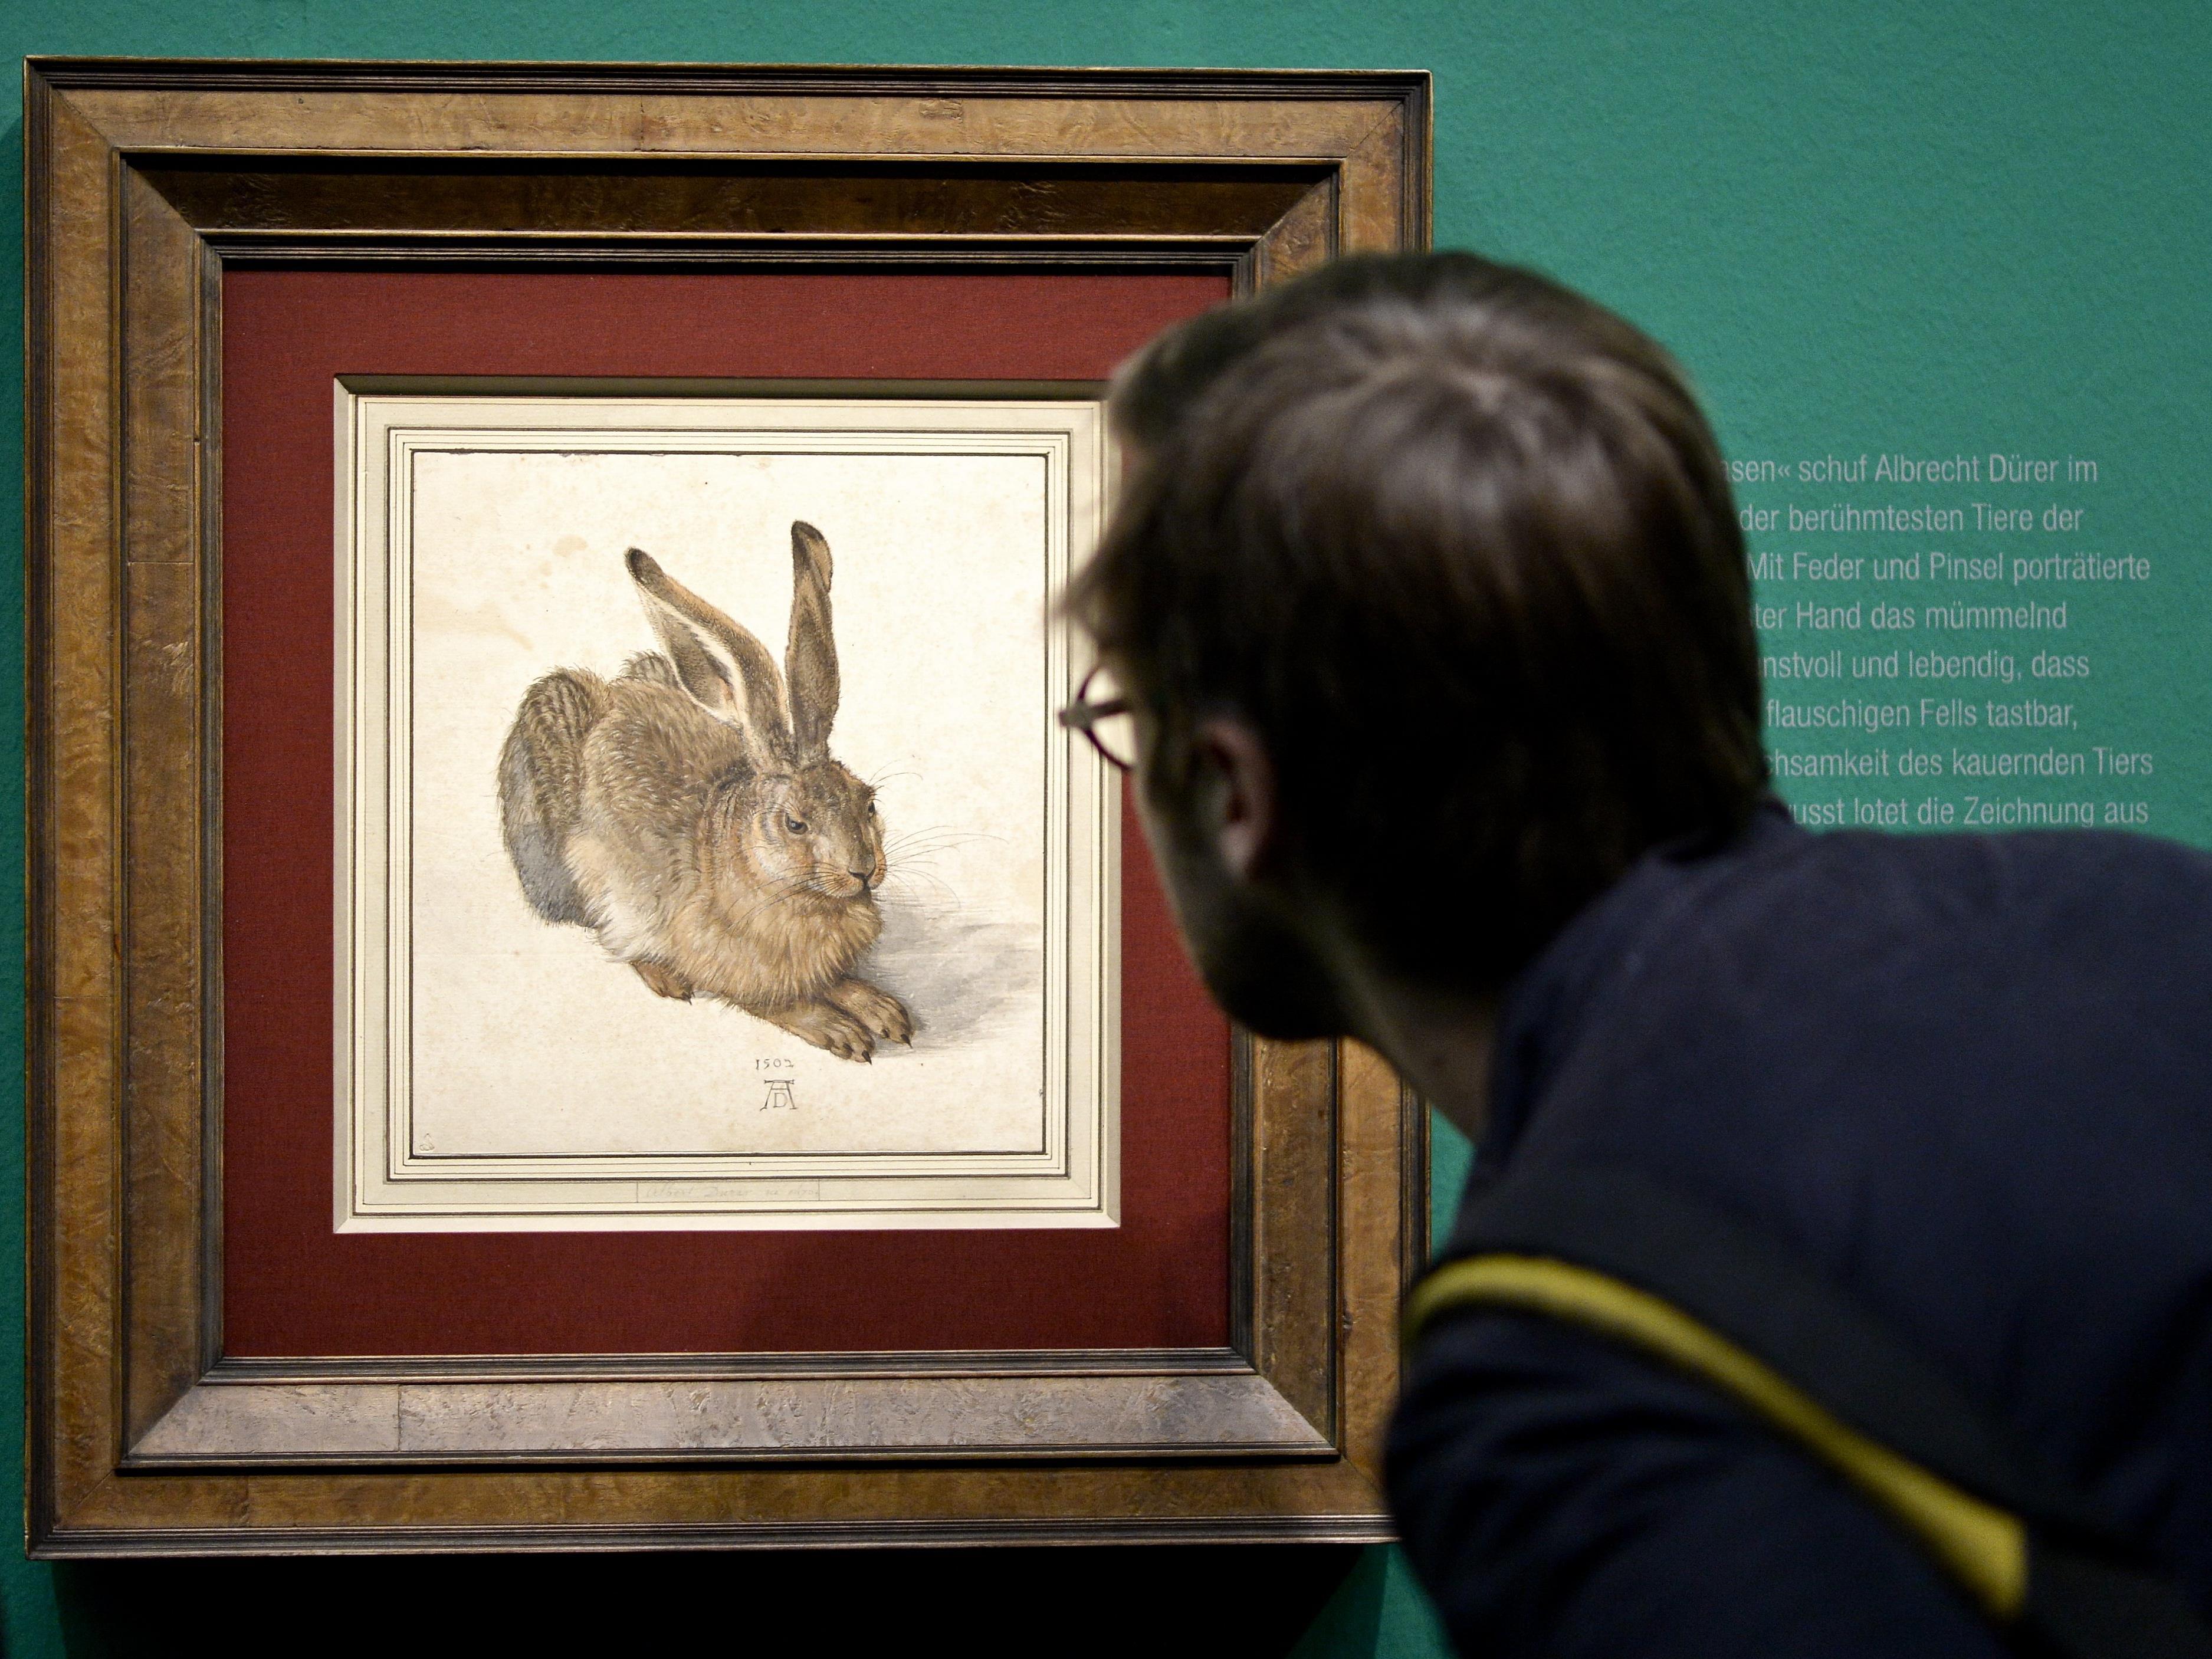 Der Feldhase von Albrecht Dürer kann am 1. Oktober betrachtet werden.